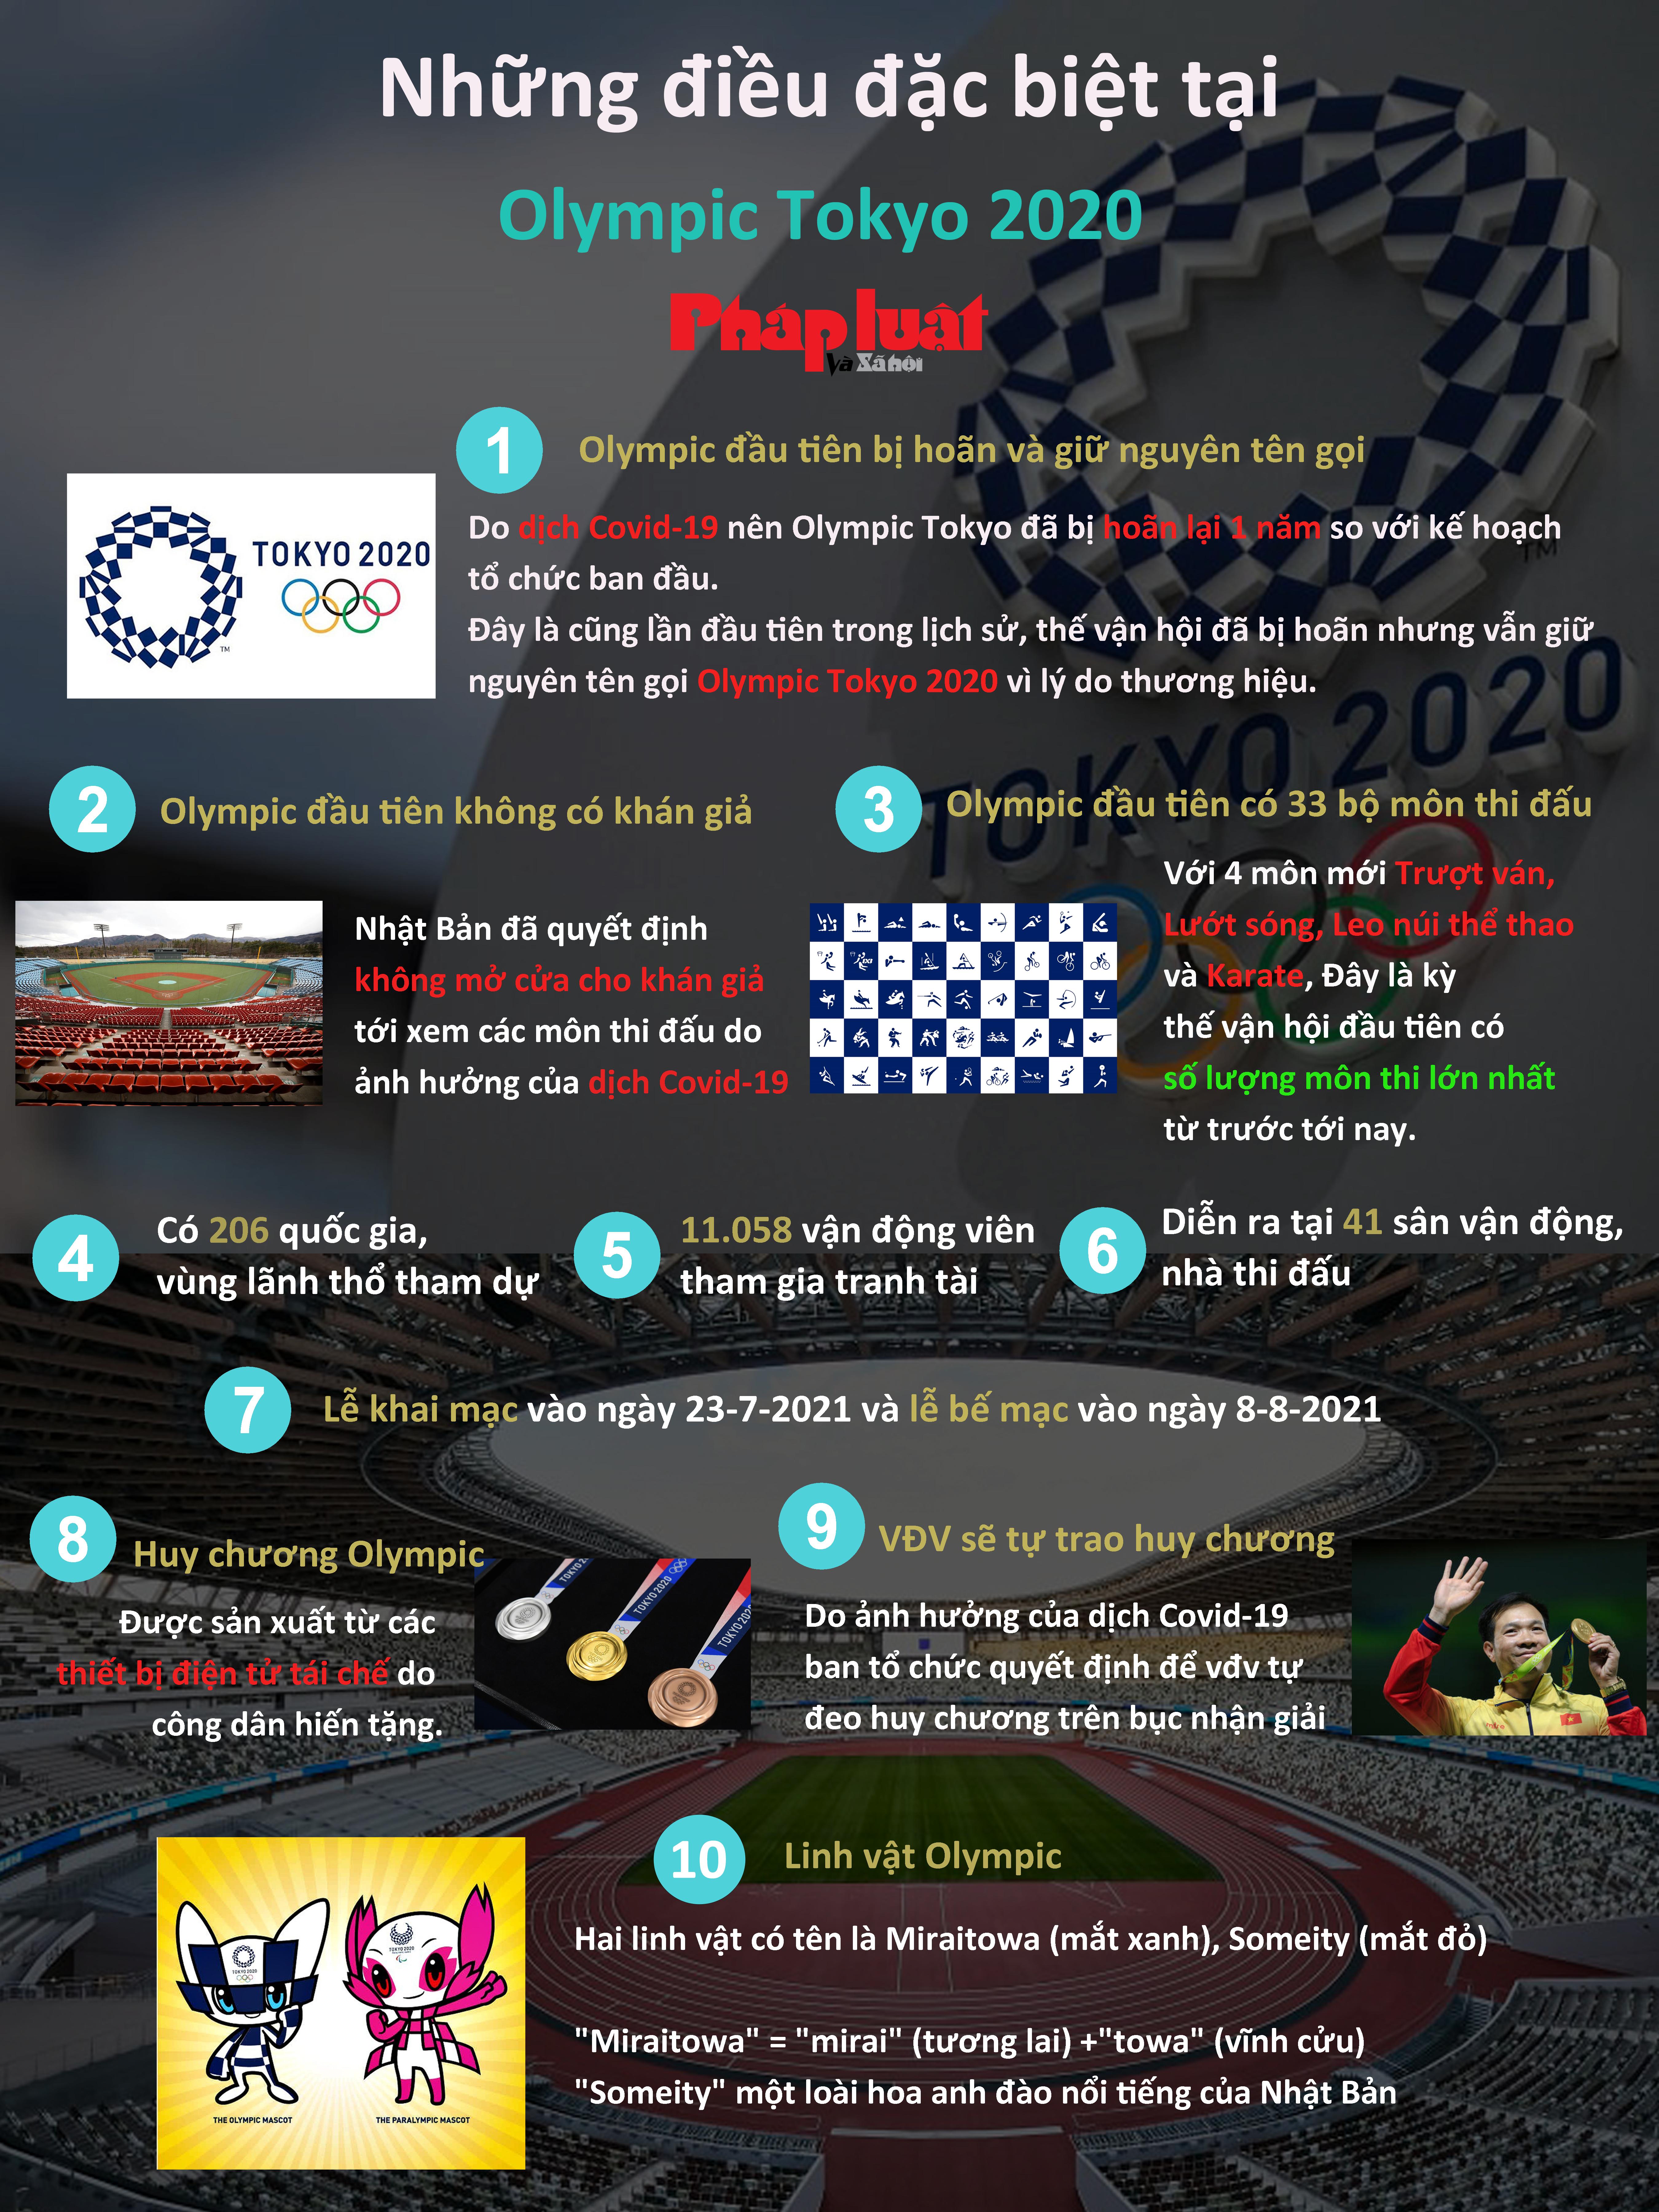 Những điều đặc biệt tại Olympic Tokyo 2020